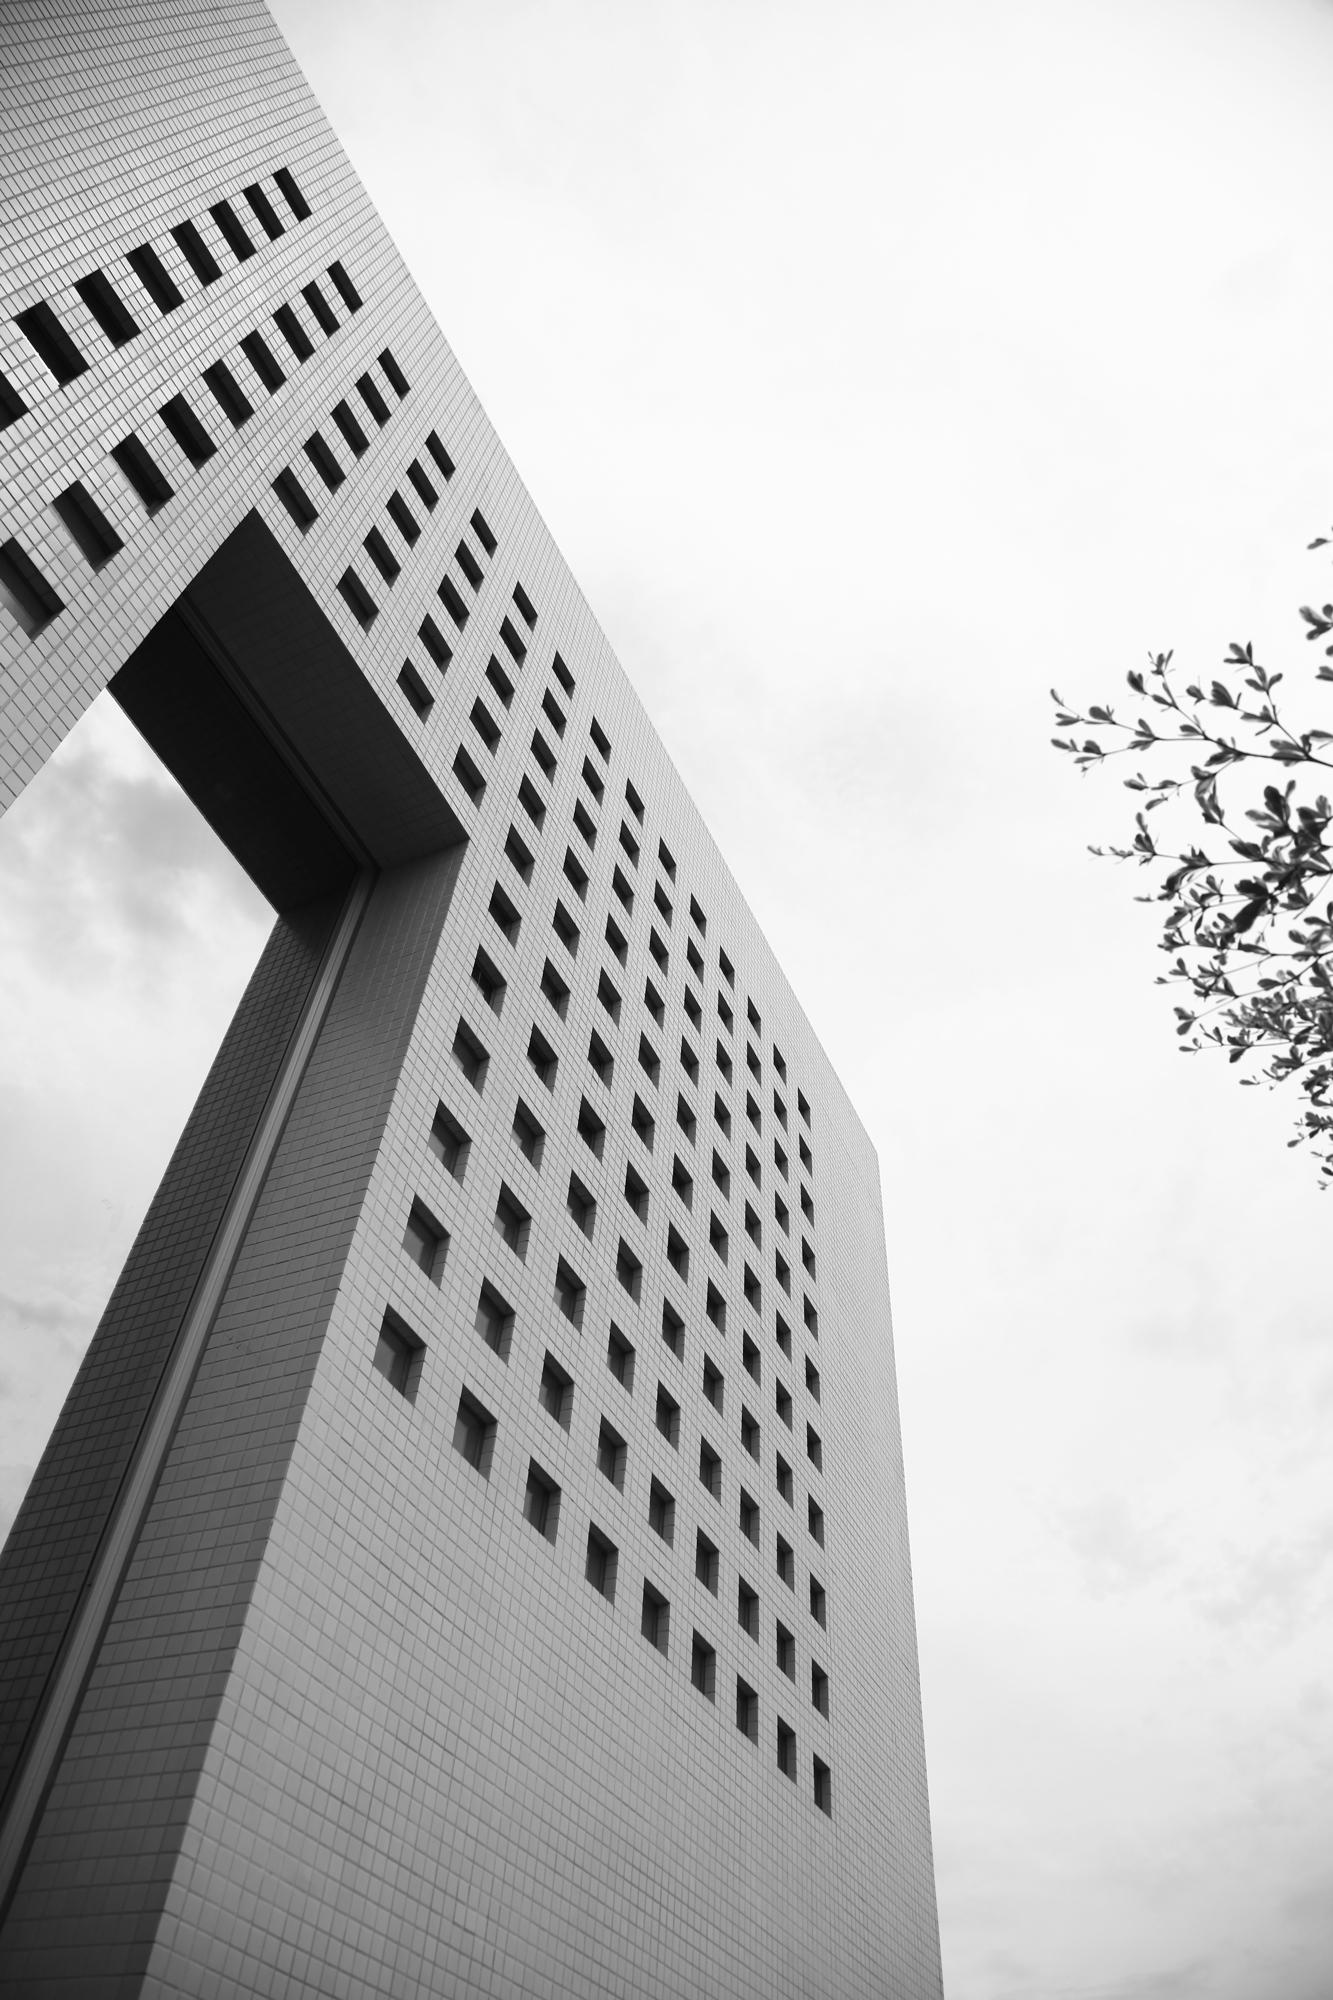 竹北惠友遠見大樓外觀